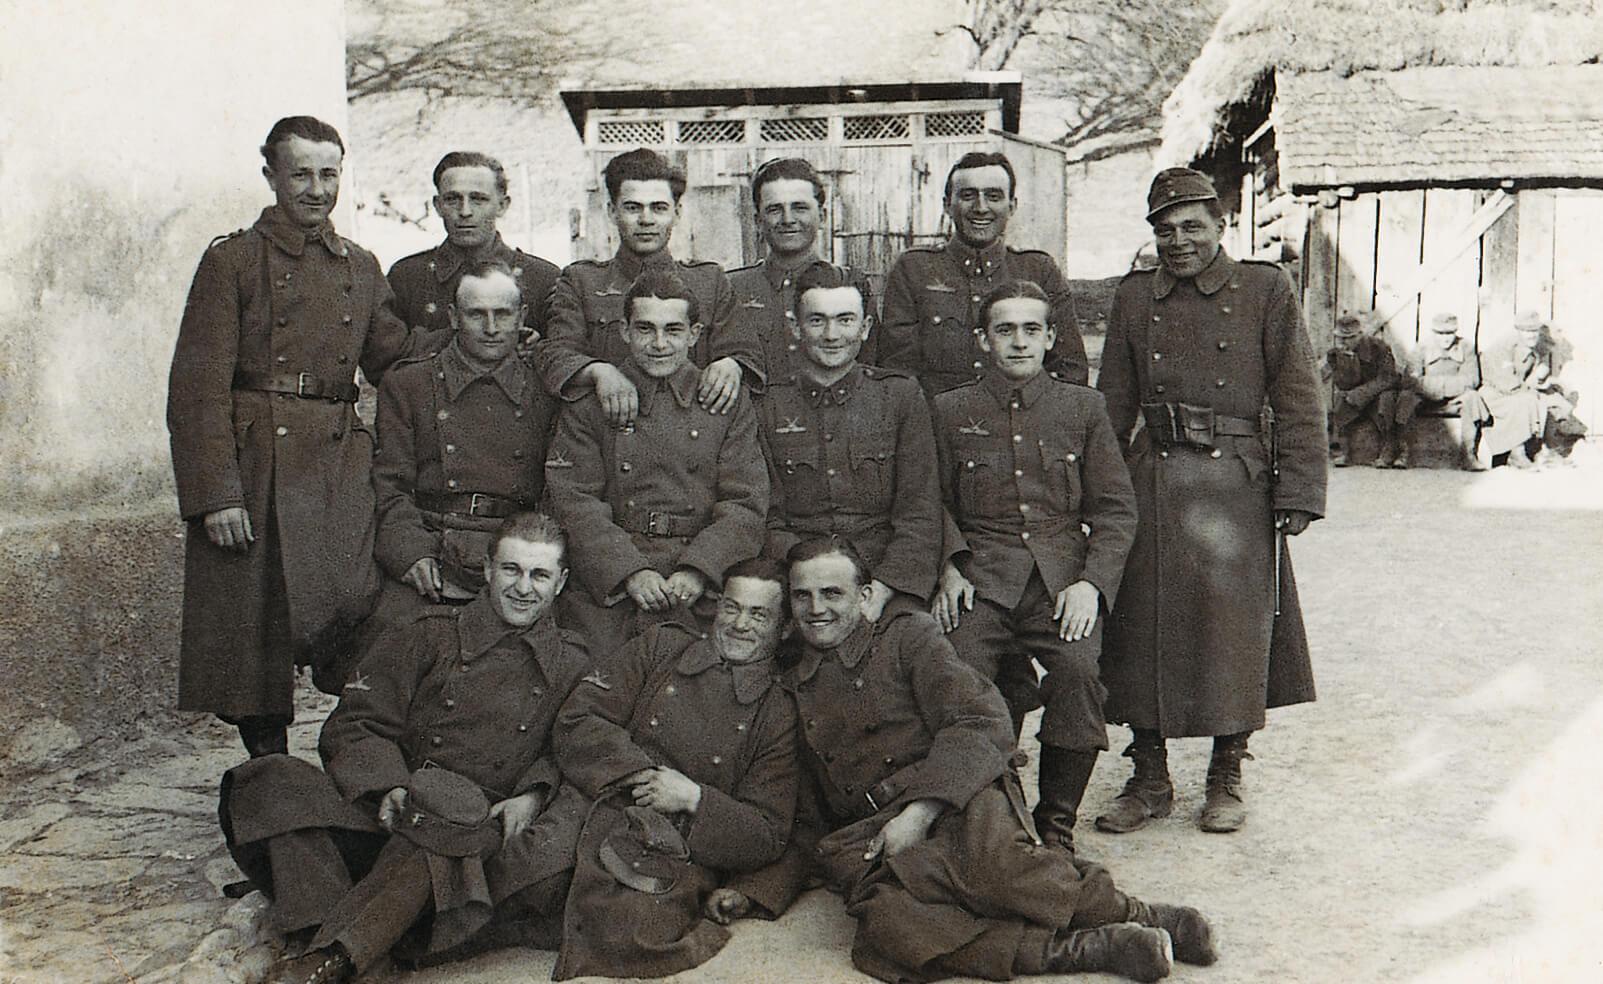 Őrvezetőként a bajtársakkal (Alsóverecke, 1942)